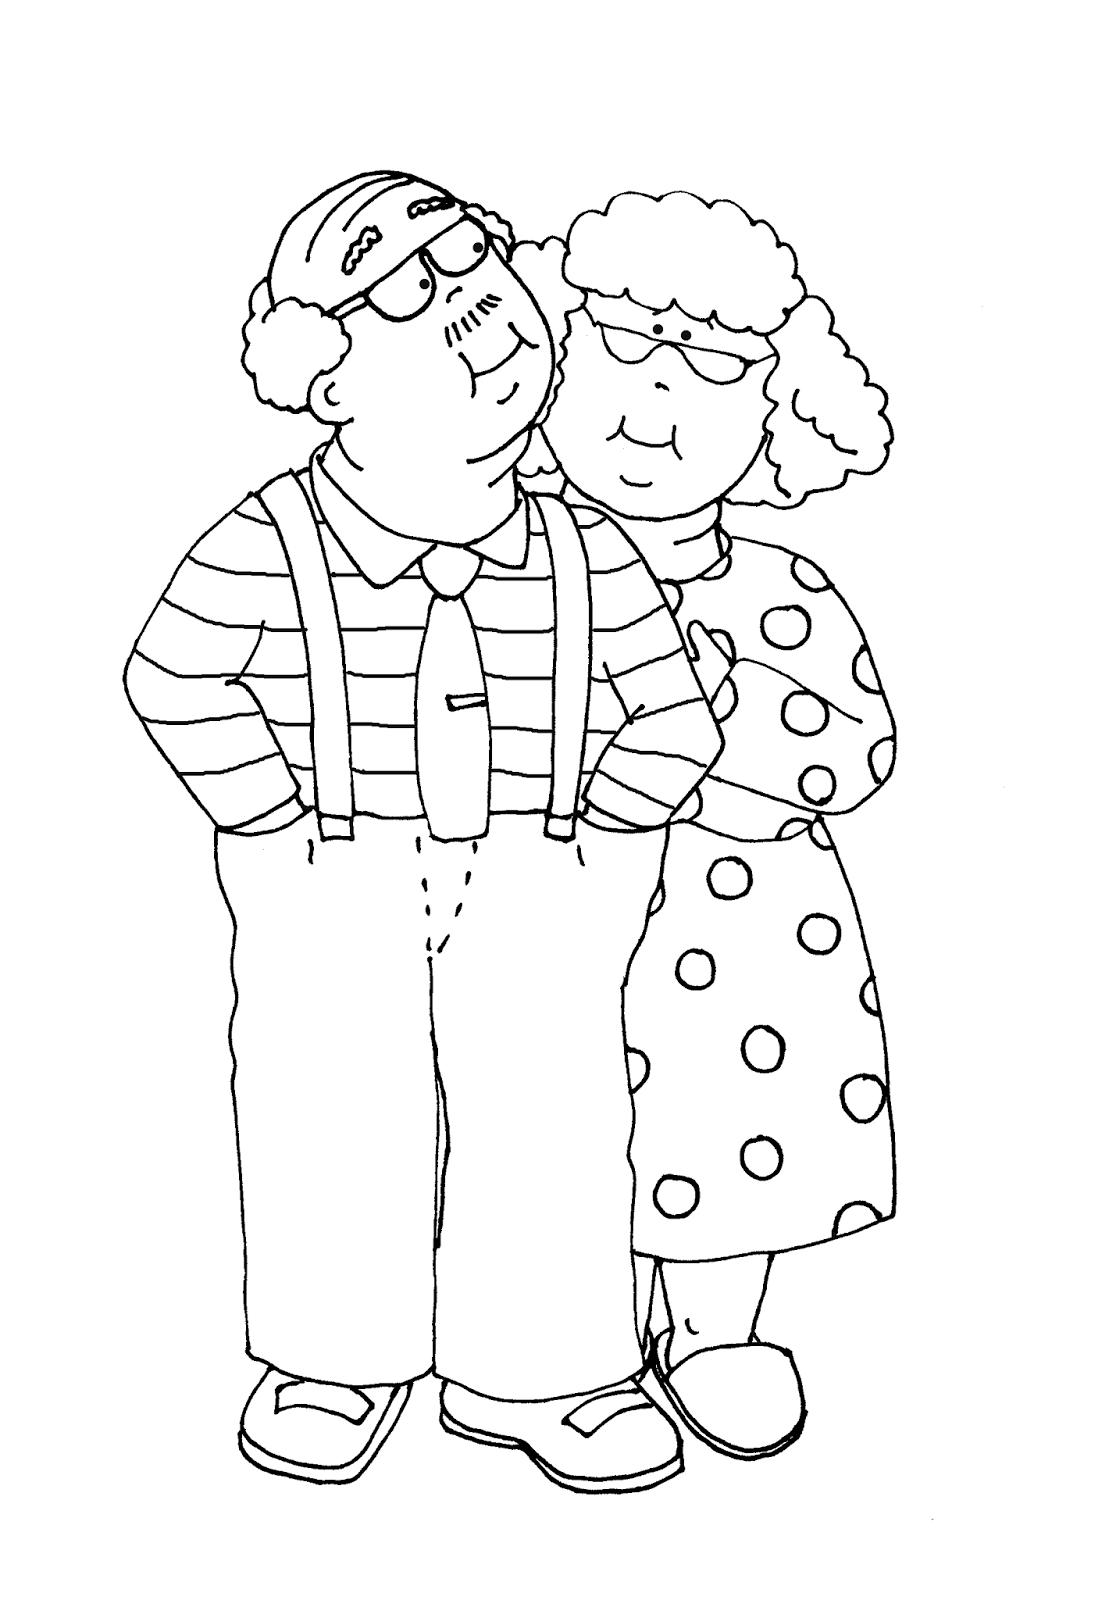 Воспитателю, открытки для бабушки рисунки